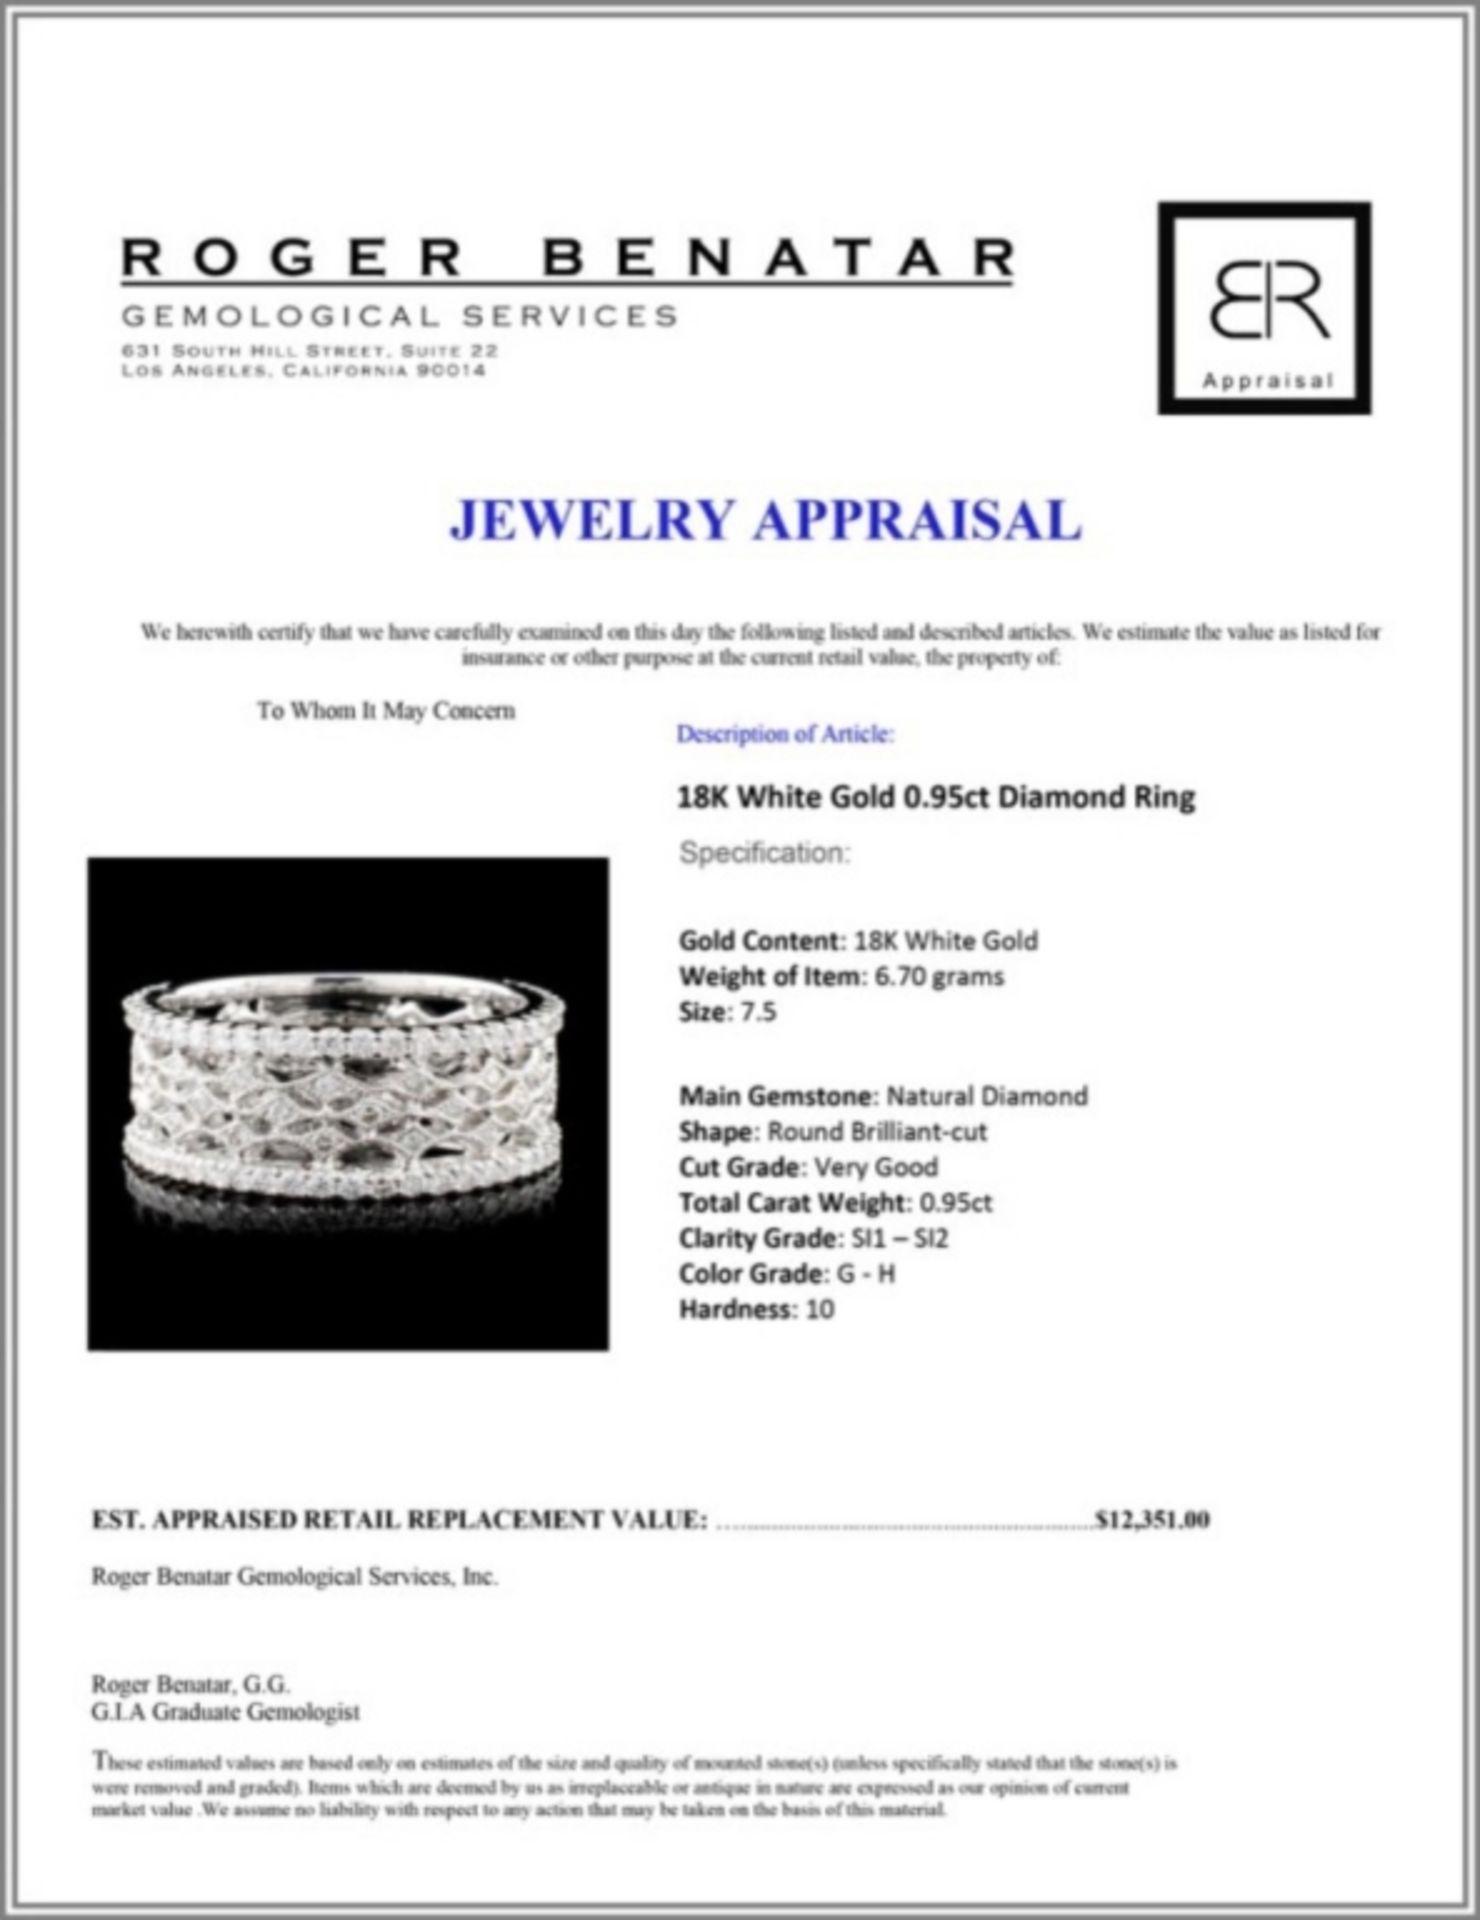 18K White Gold 0.95ct Diamond Ring - Image 3 of 3